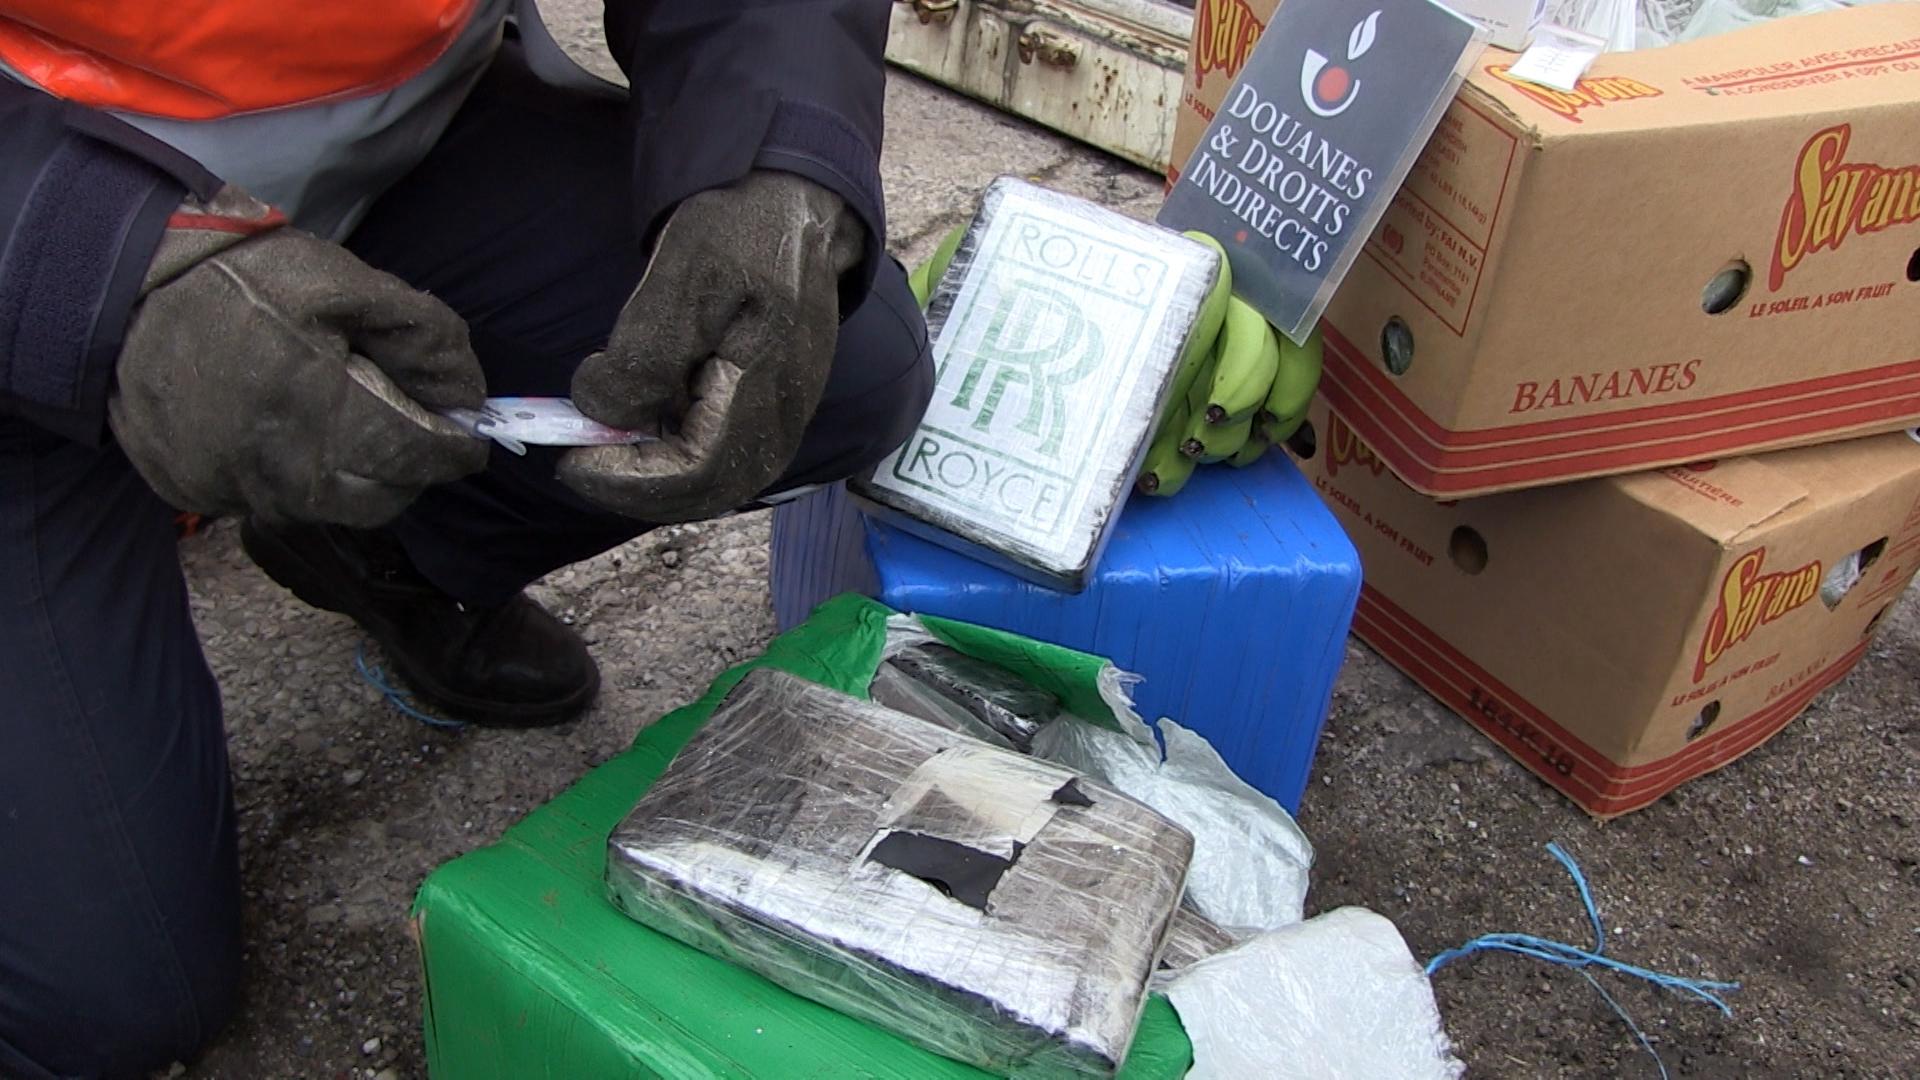 La drogue était conditionnée et cachée parmi les régimes de bananes (Photo Douane)